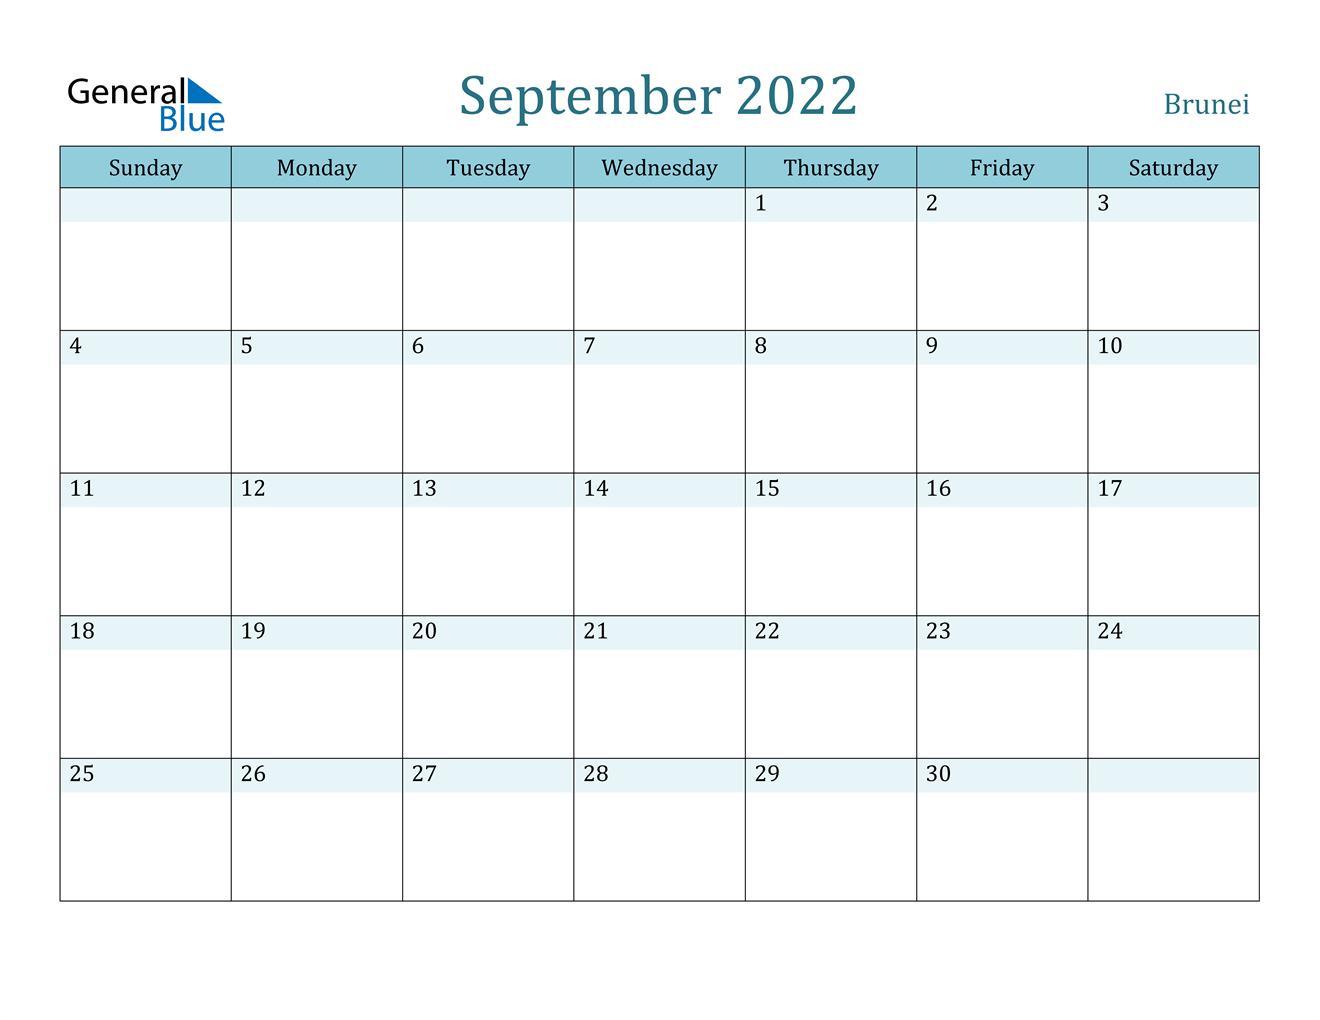 September 2022 Calendar - Brunei